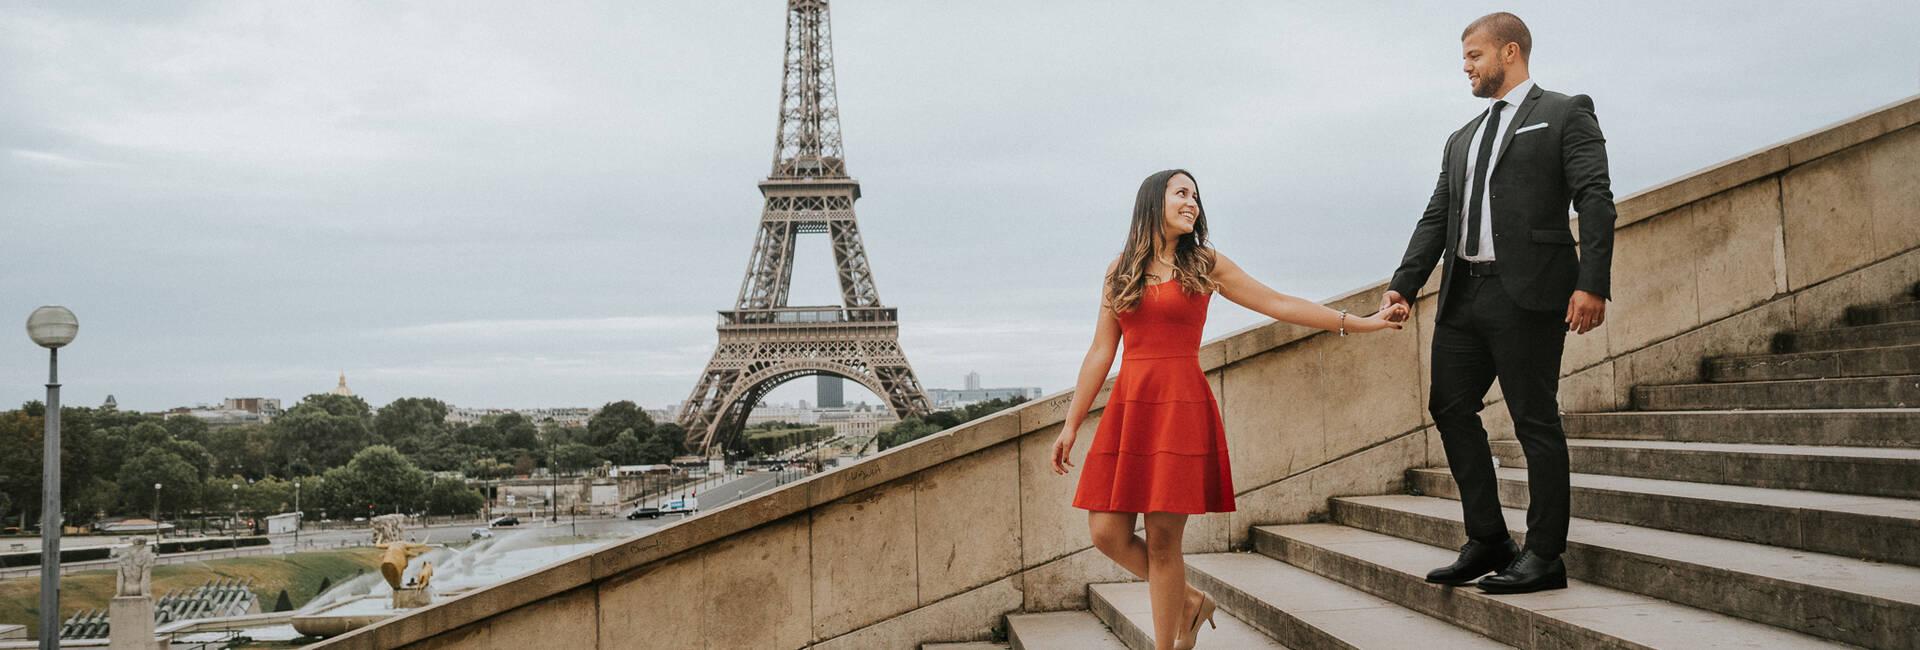 Ensaio romântico em Paris de Raphaela + Pedro